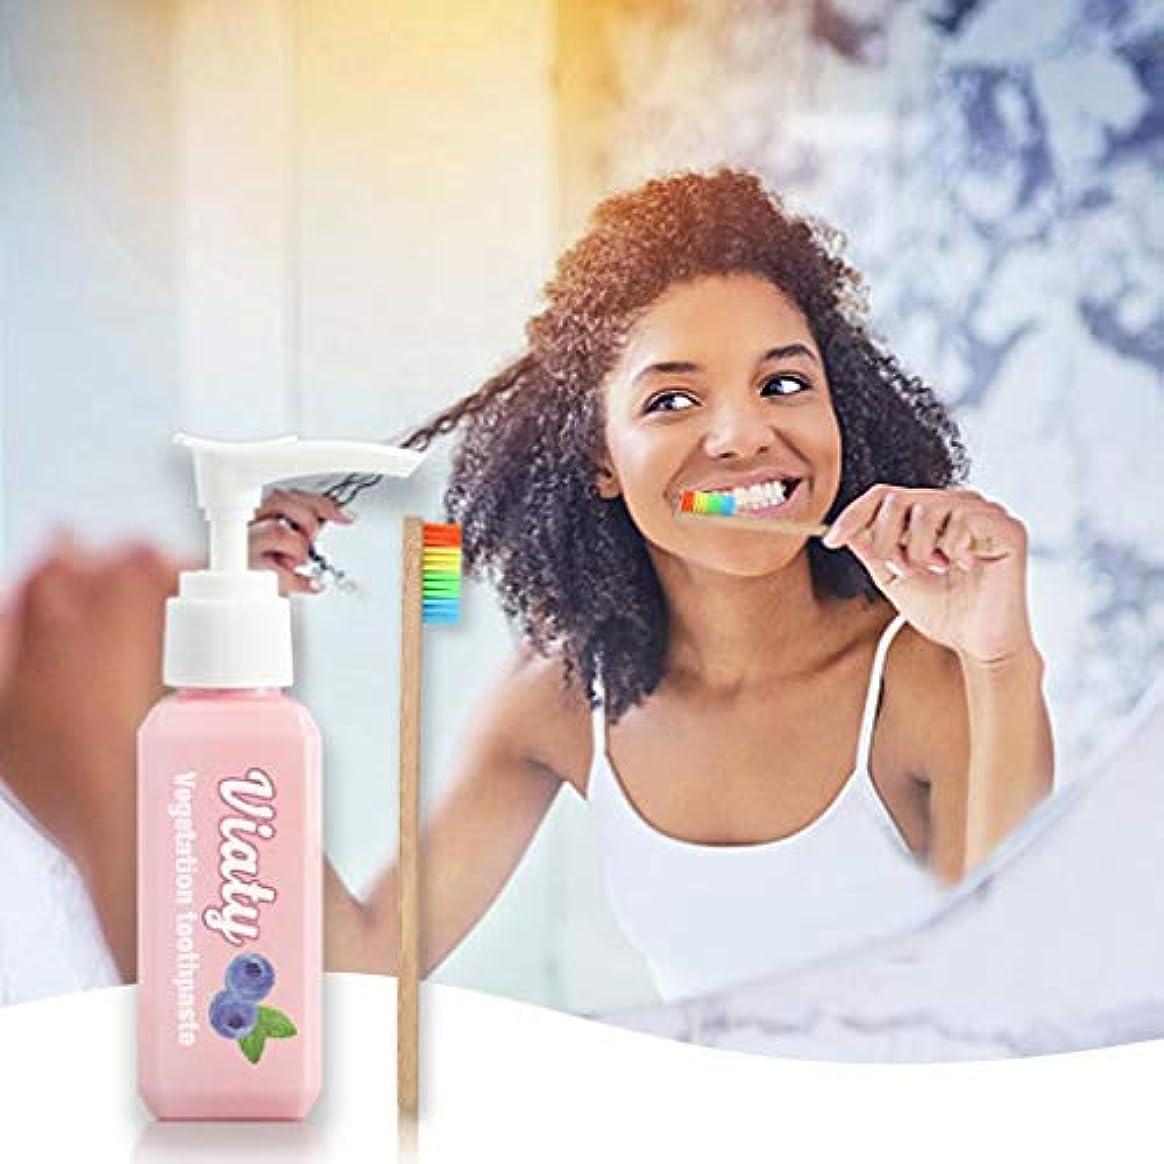 干し草ポルティコところで歯磨き粉 完全に除染 ホワイトニング歯磨き粉 しわ防止歯磨き粉 新鮮な歯磨き粉 マルチエフェクト天然ブルーベリーフレーバー フッ化物添加なし (歯磨き粉1本とレインボー歯ブラシ1本)